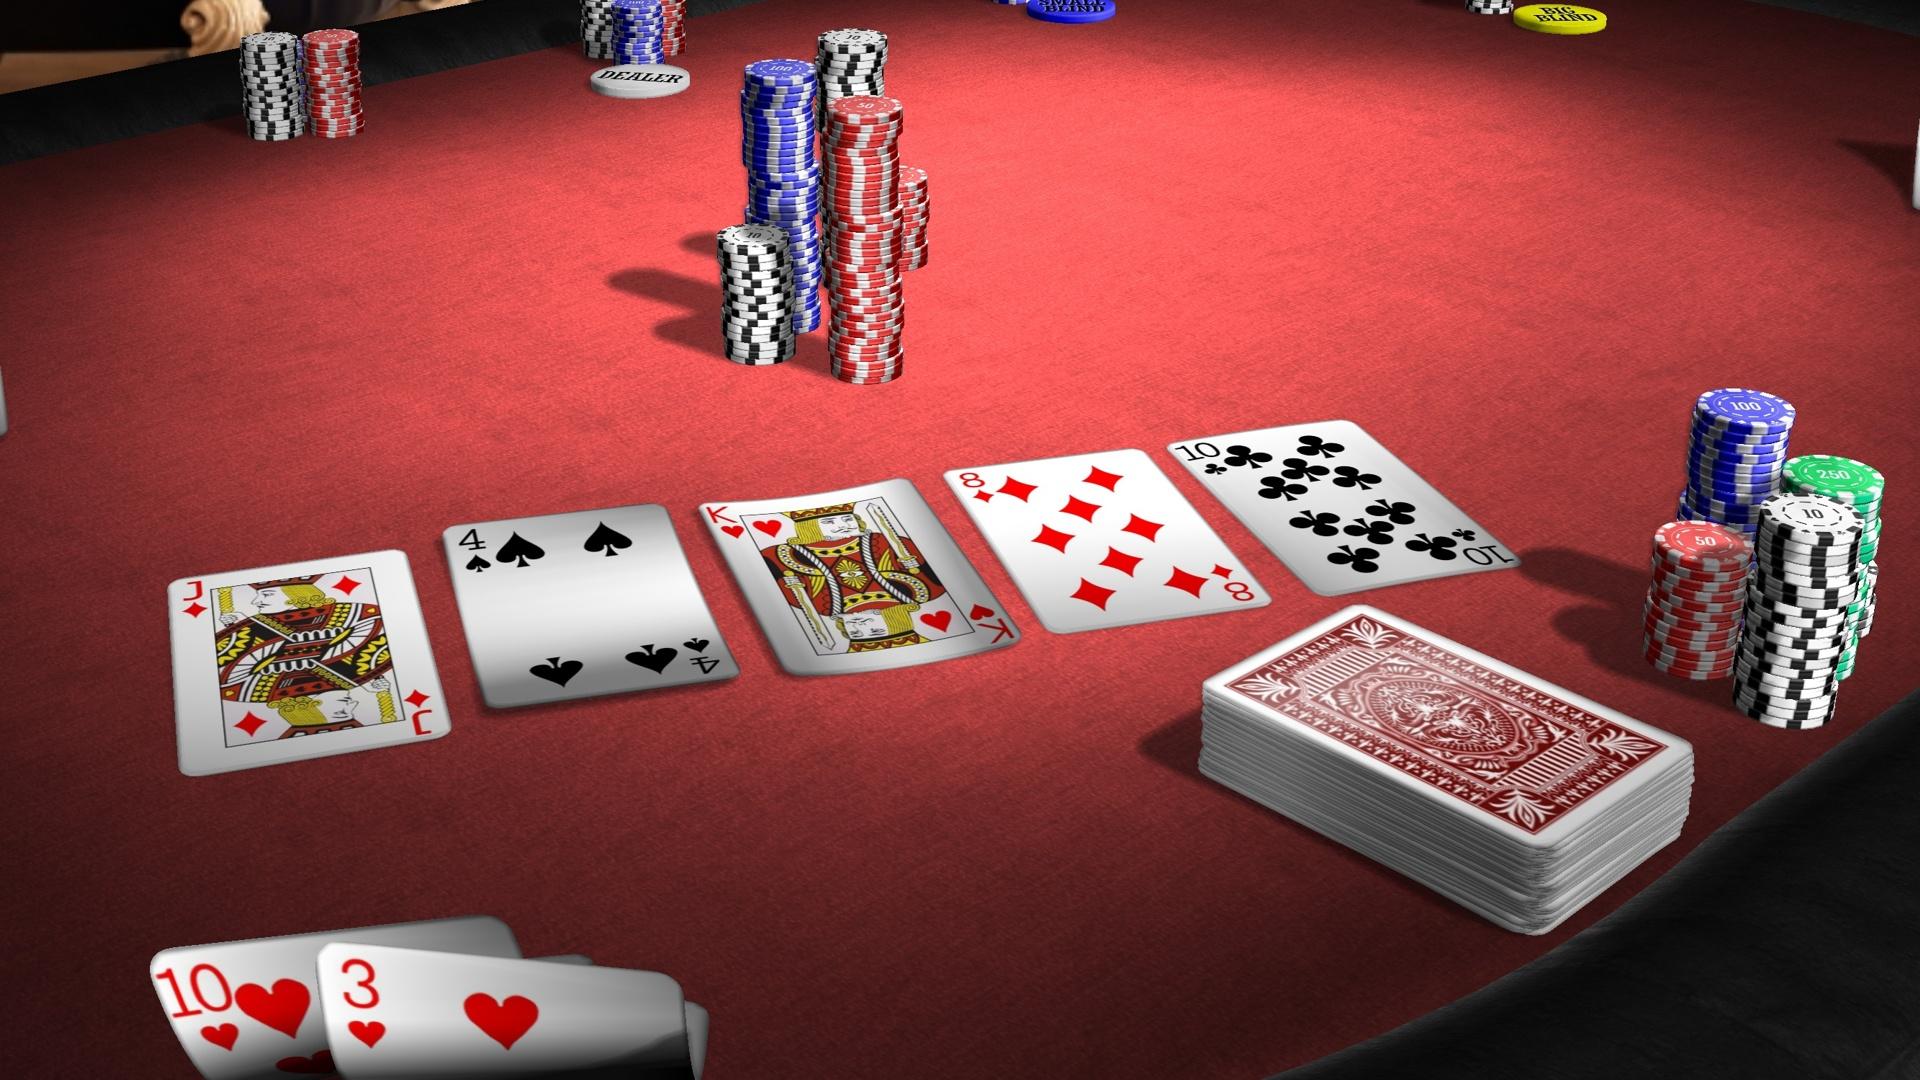 Holdem Poker Game Types